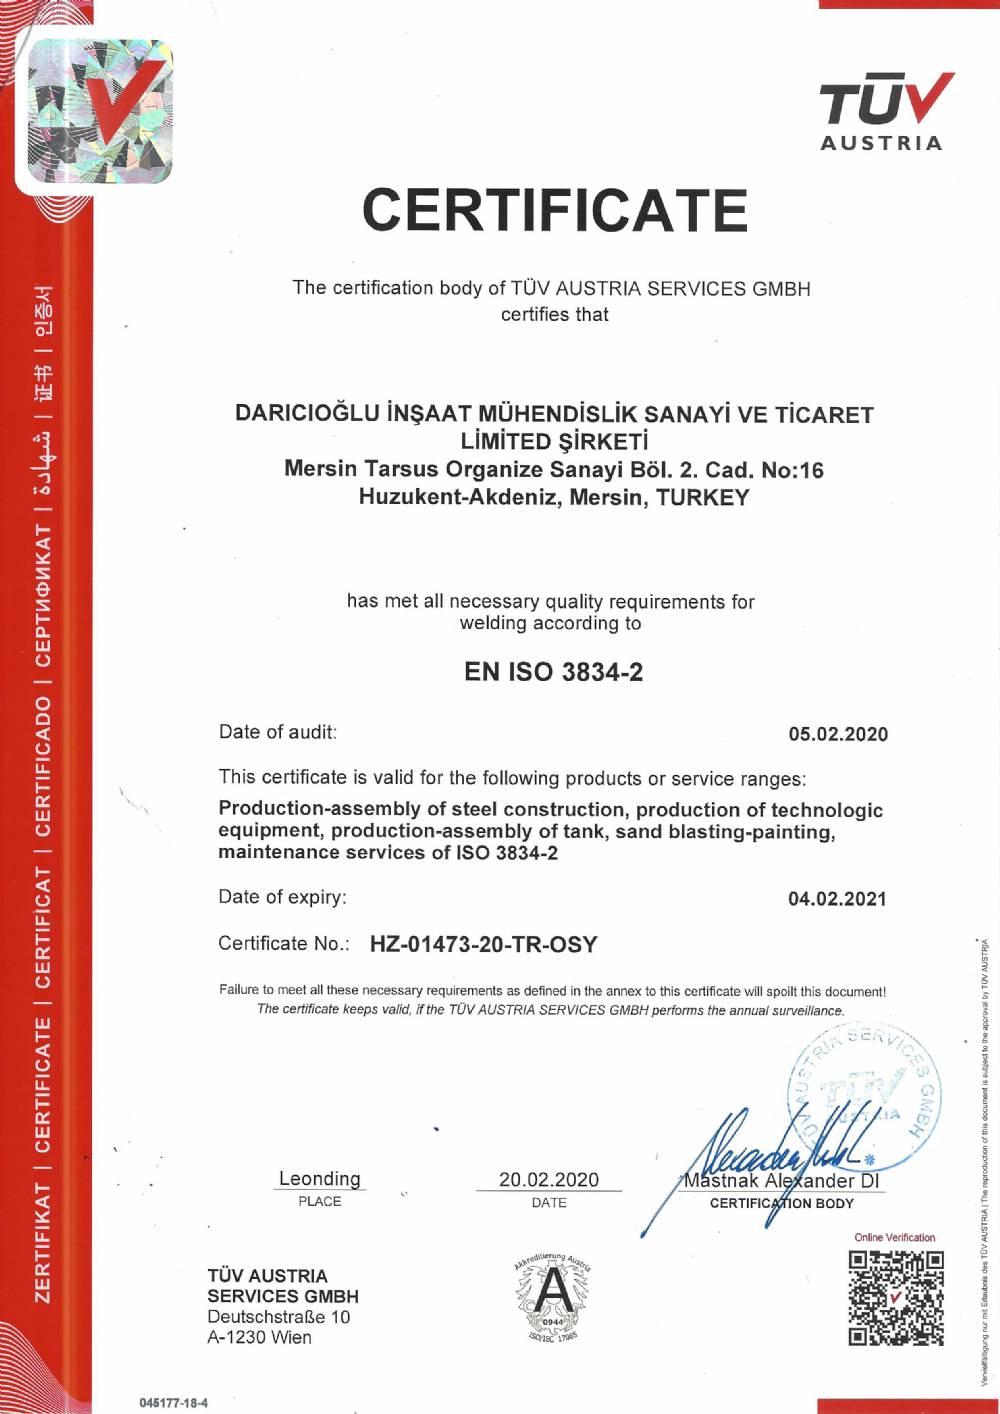 EN ISO 3834-2 KALİTE SERTİFİKASI